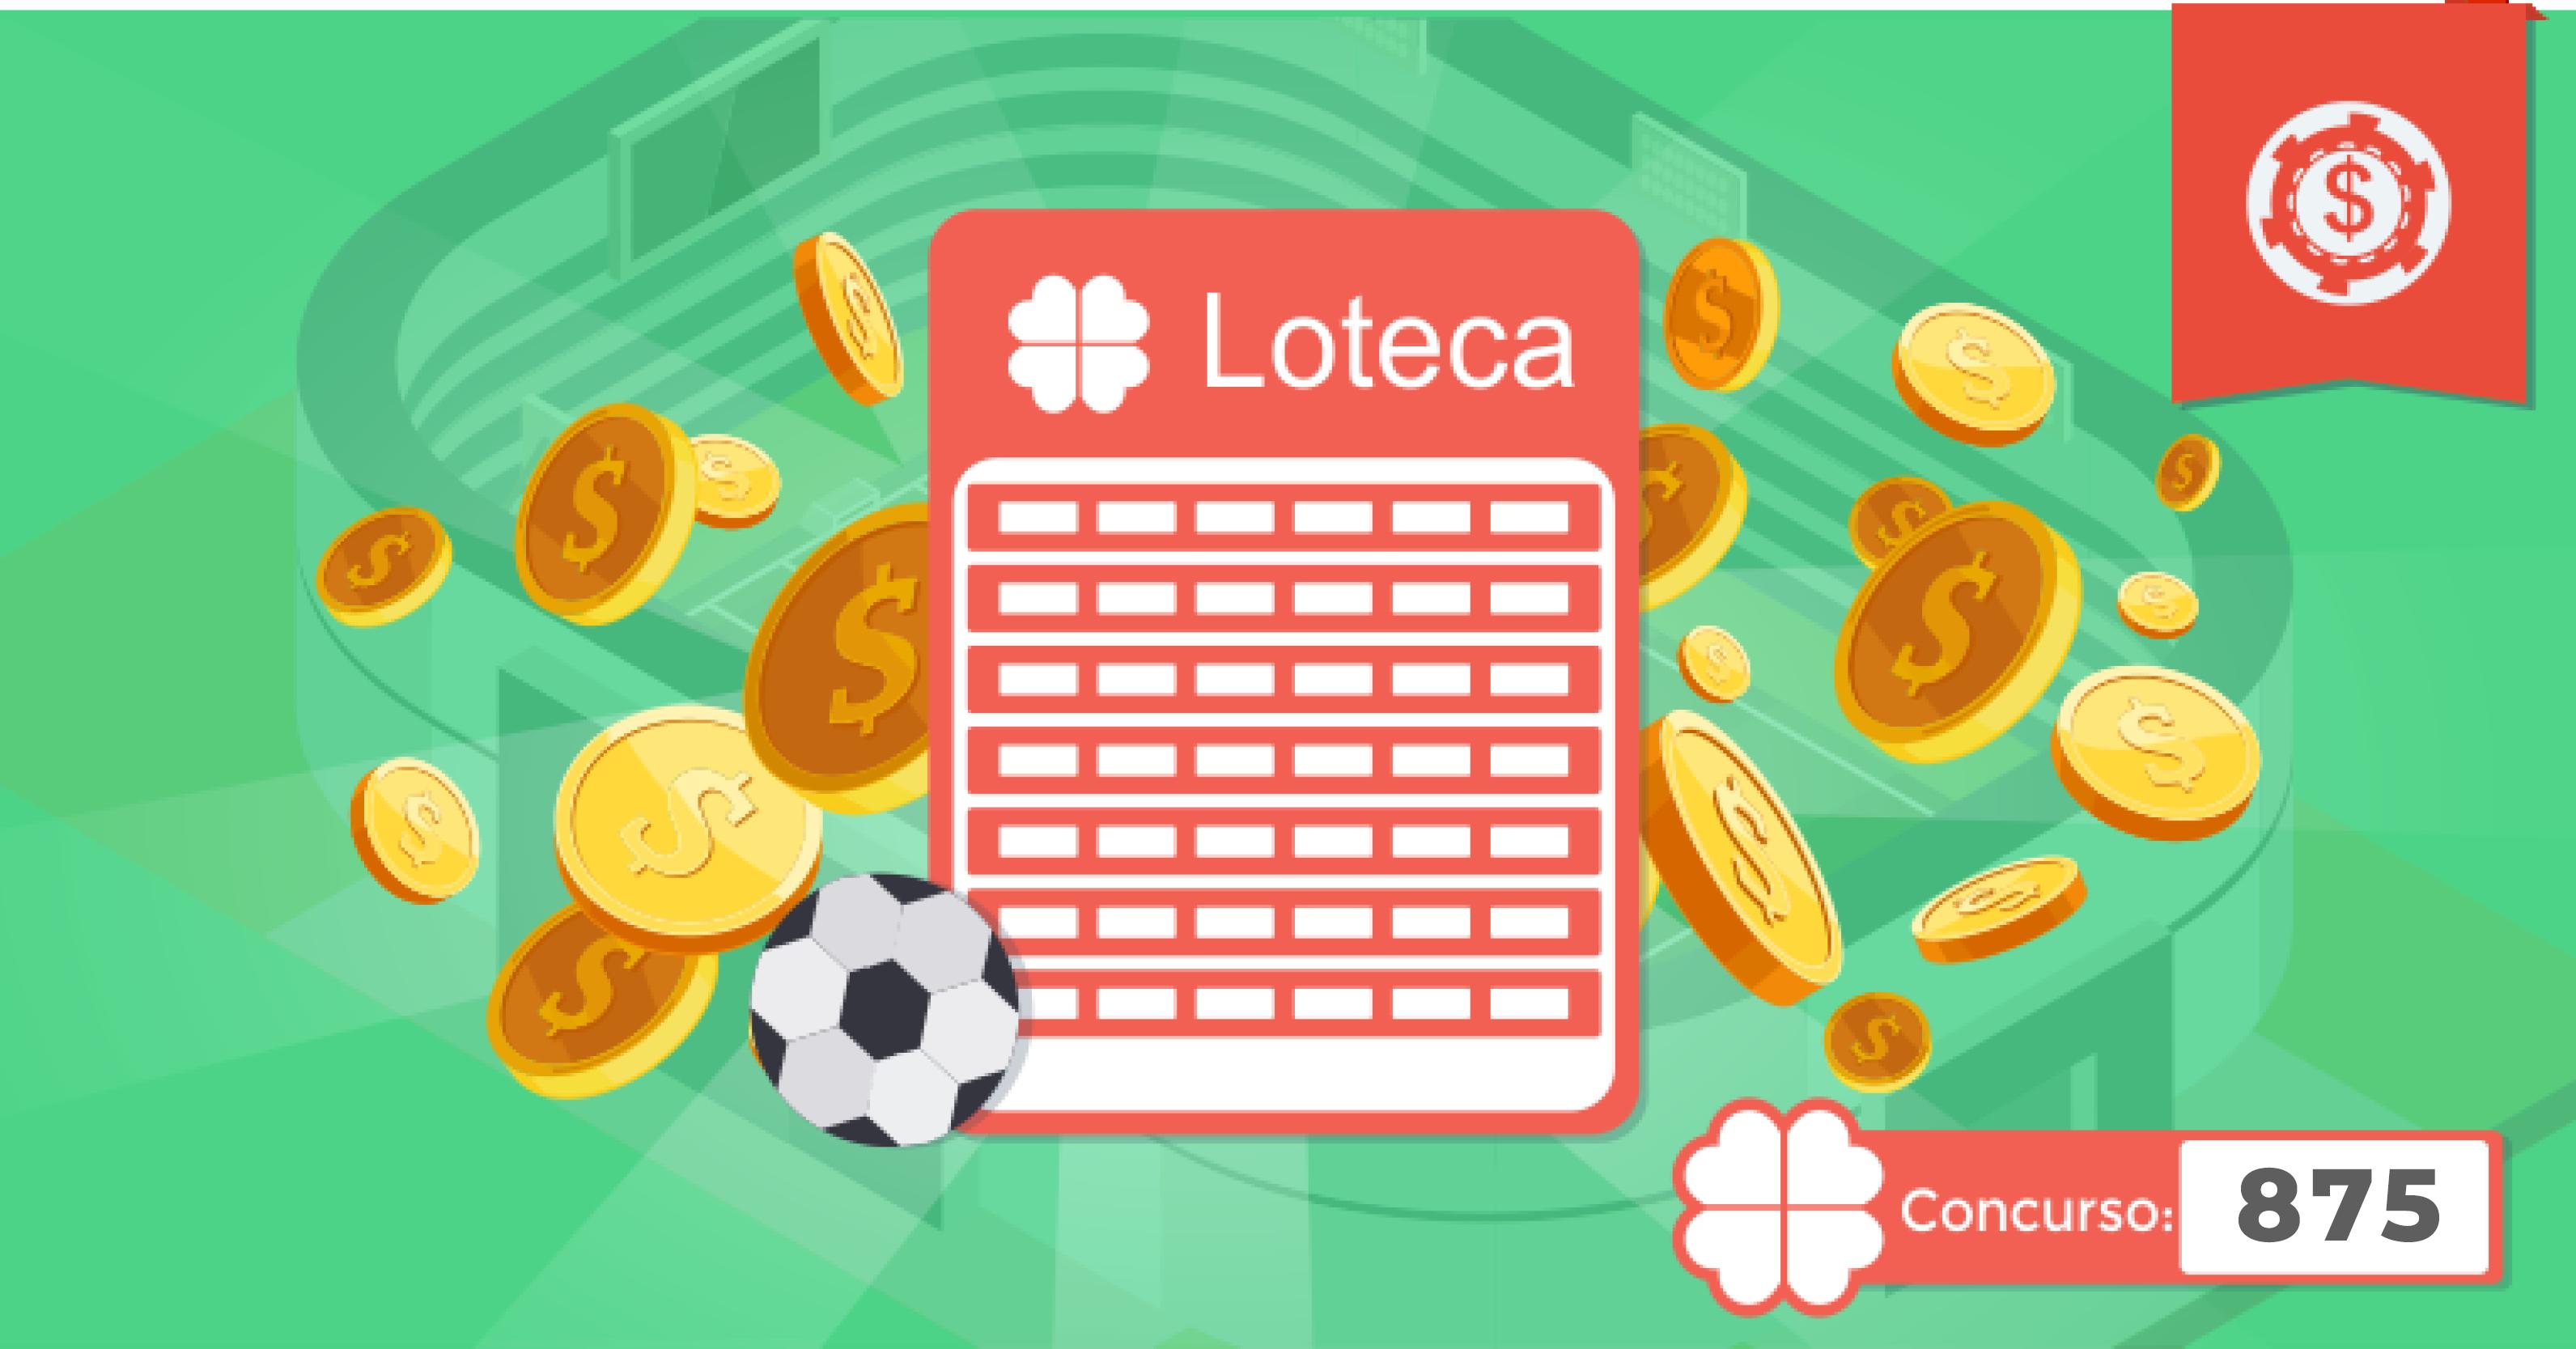 palpites-loteca-875-palpites-loteca-semana-2